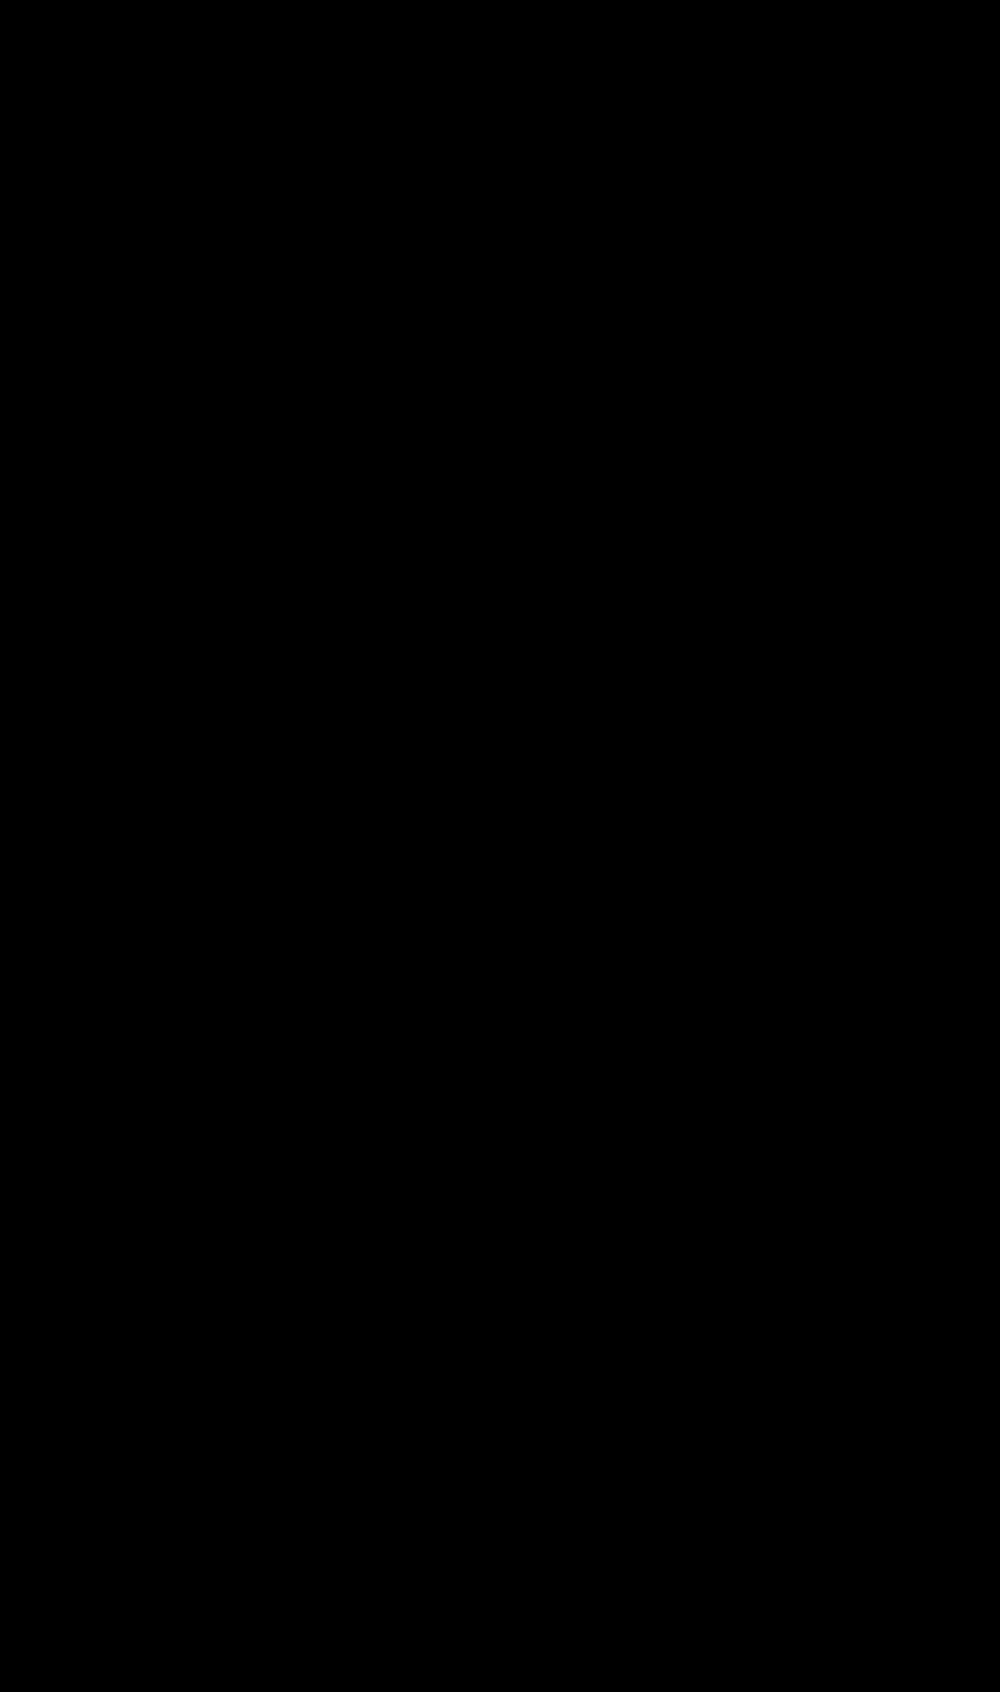 1000x1692 Ingenious Lightbulb Outline Wolf With Wings Light Bulb Lightning